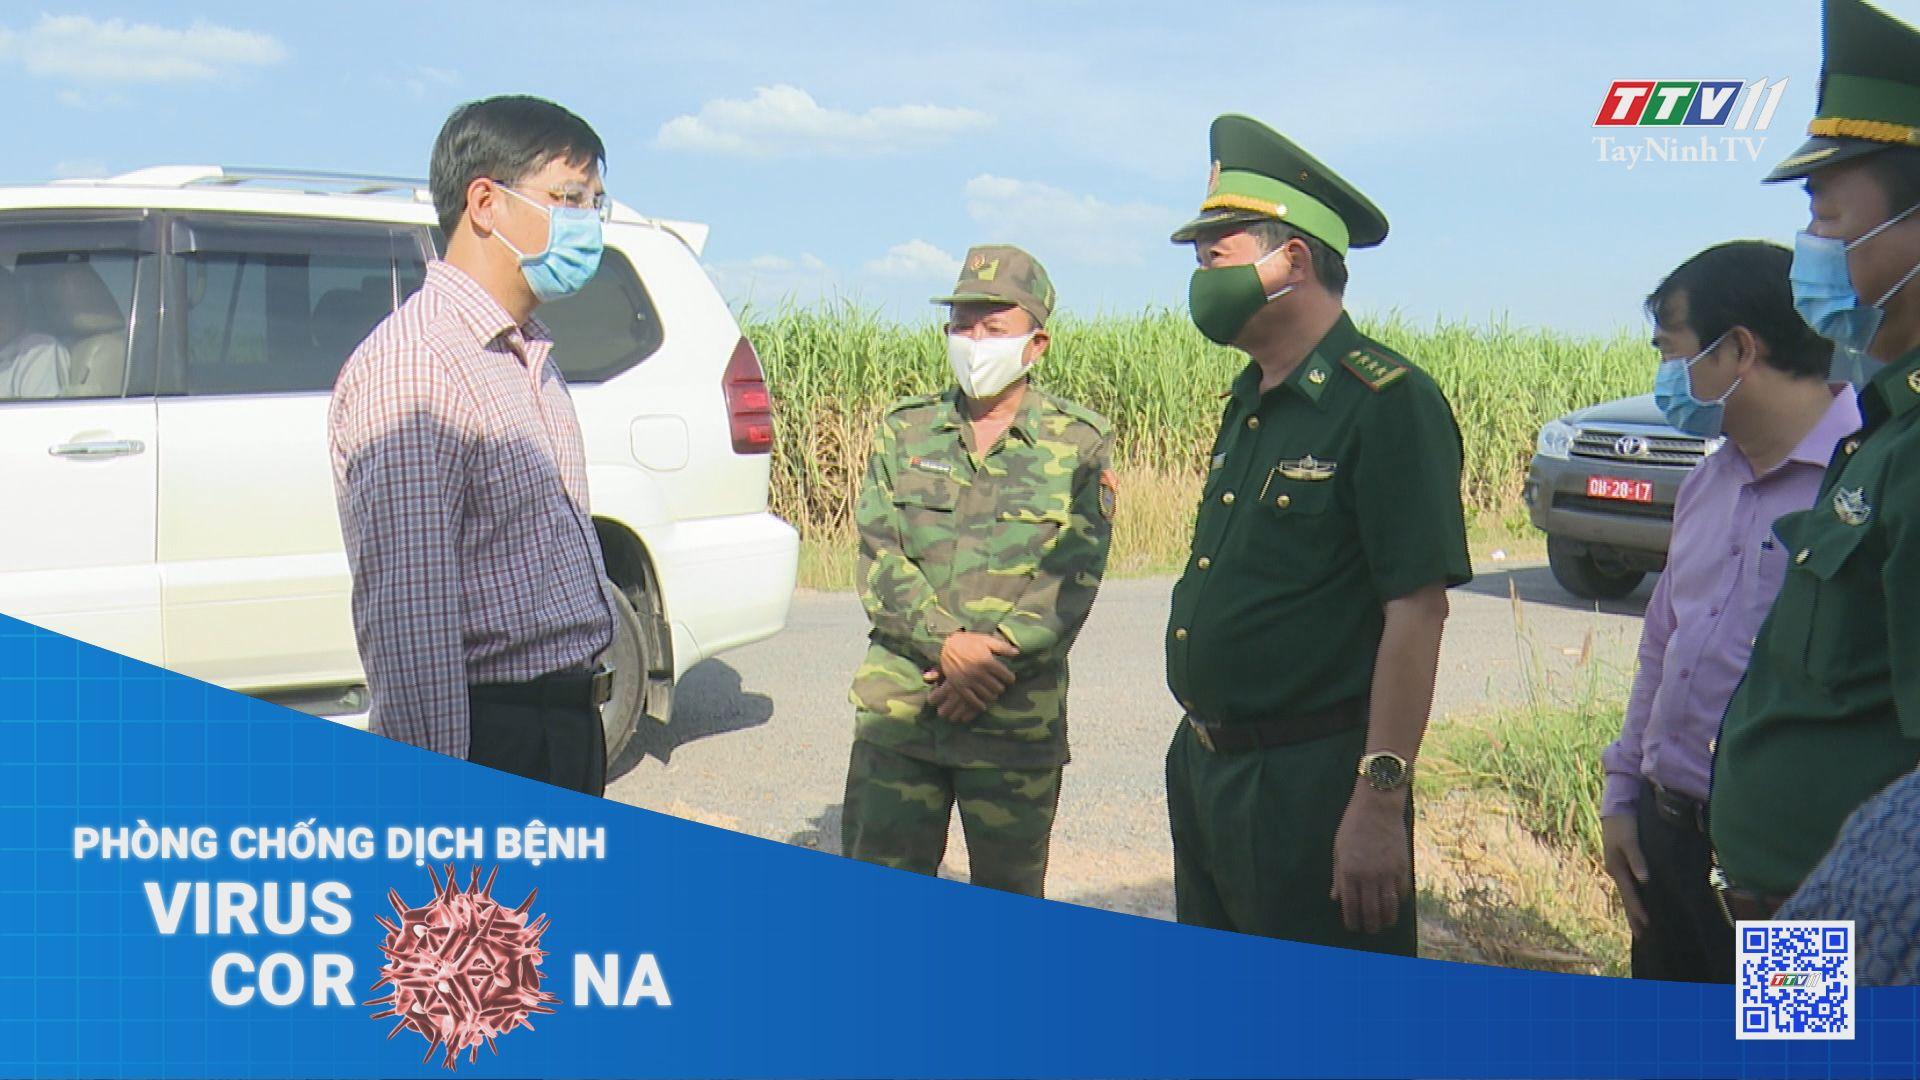 Tăng cường kiểm tra công tác phòng chống dịch bệnh trên tuyến biên giới | THÔNG TIN DỊCH CÚM COVID-19 | TayNinhTV